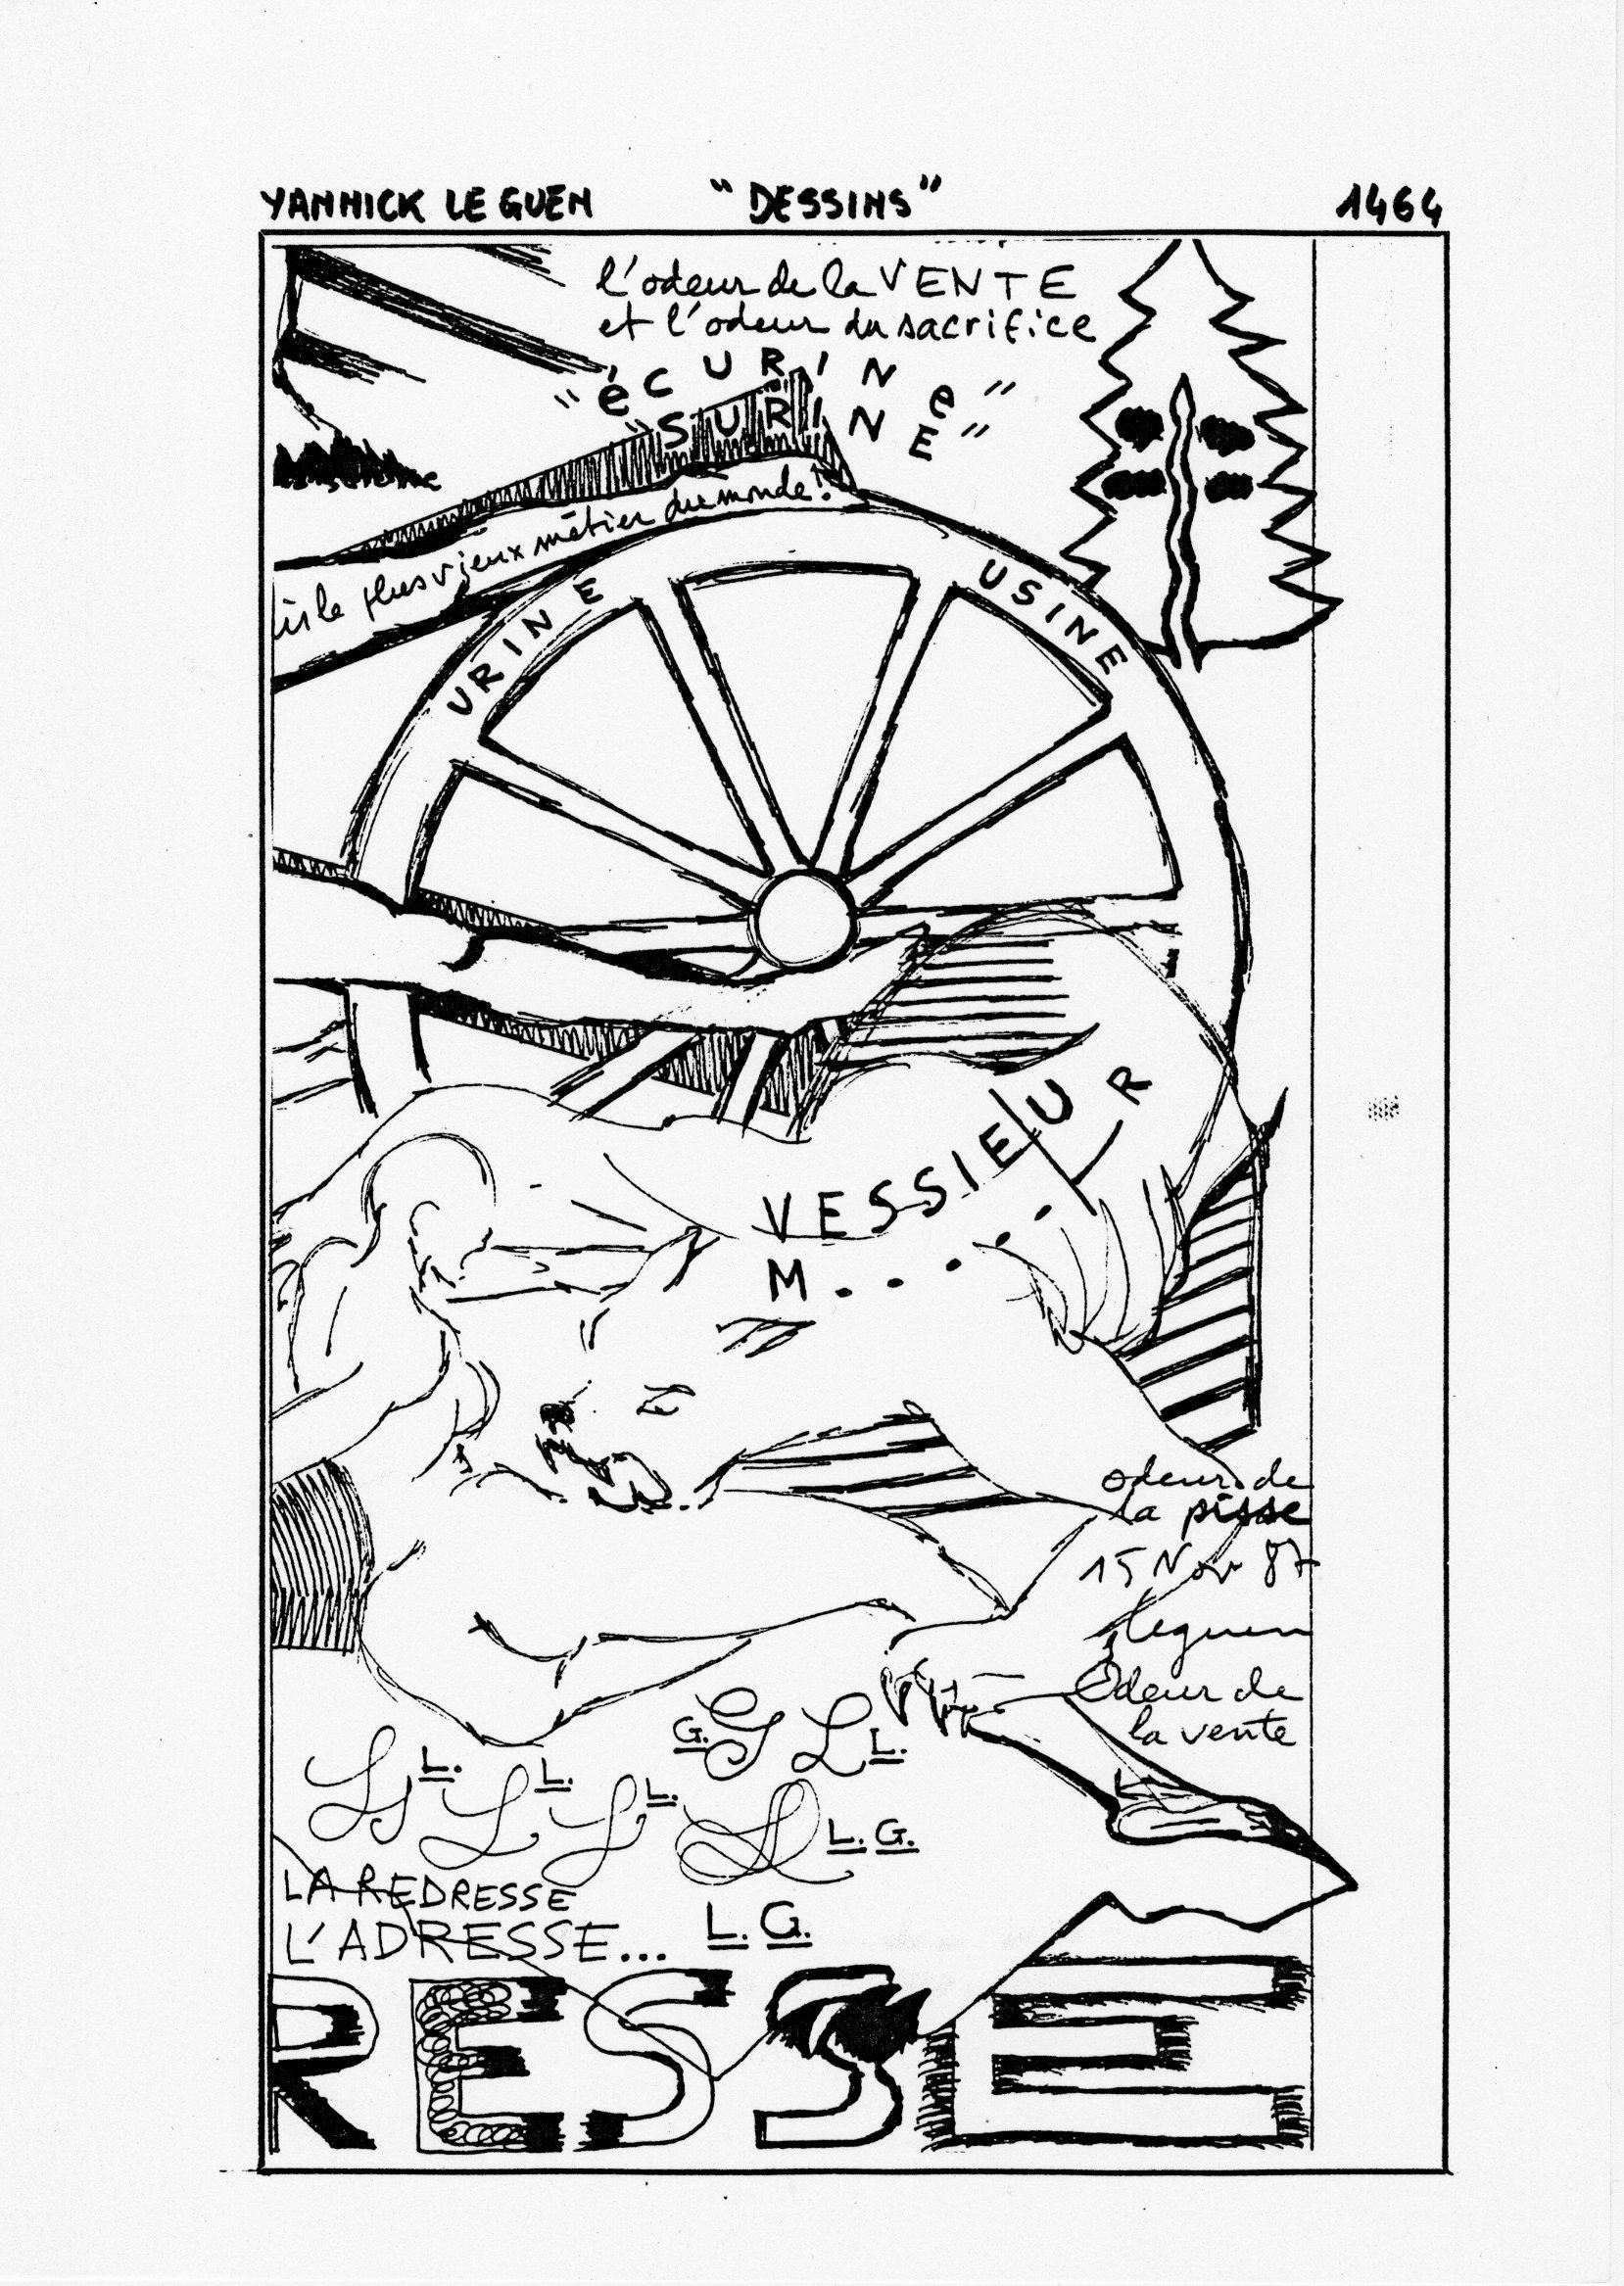 page 1464 Y. Leguen DESSINS